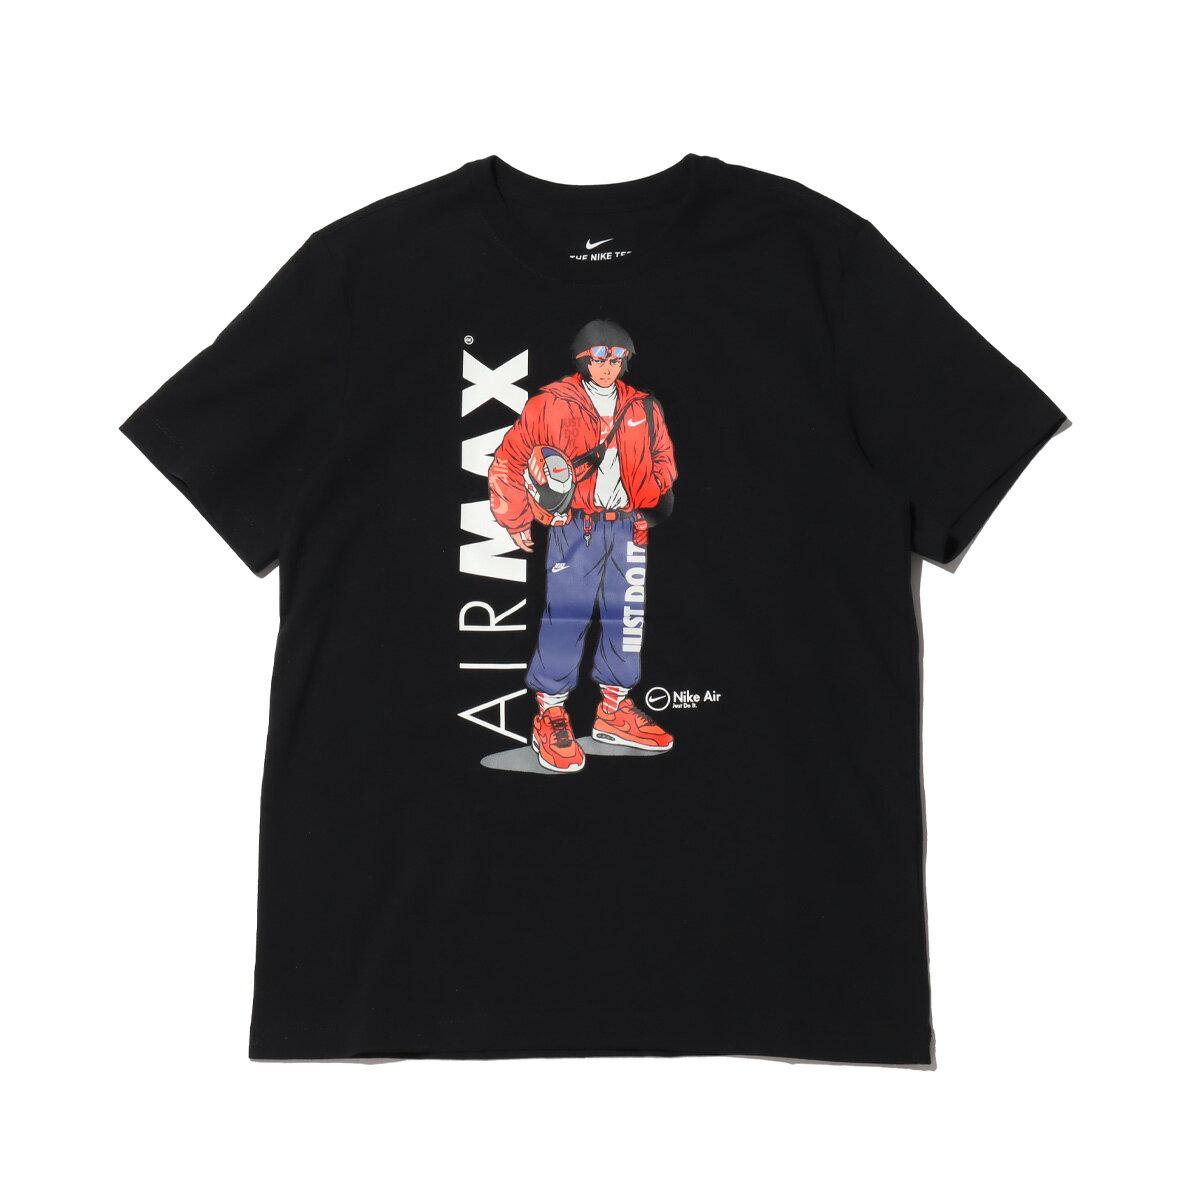 トップス, Tシャツ・カットソー NIKE AS M NSW TEE MANGA HYPEMAN( NSW HYPEMAN SS T)BLACK T21SP-I